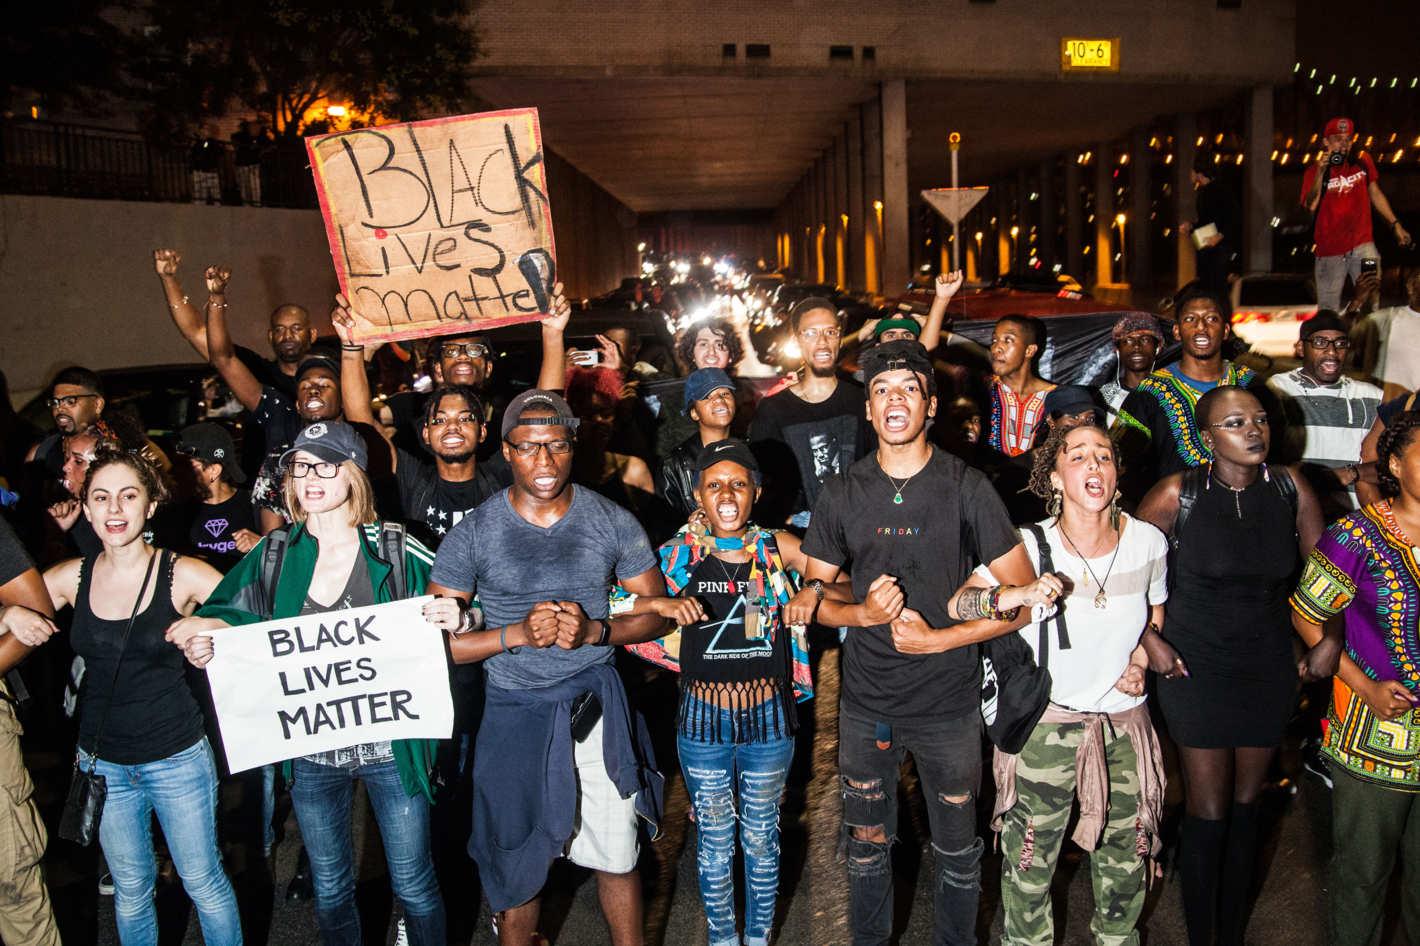 La campanya Black Lives Matter demostra que molta gent a EUA vol un canvi real.